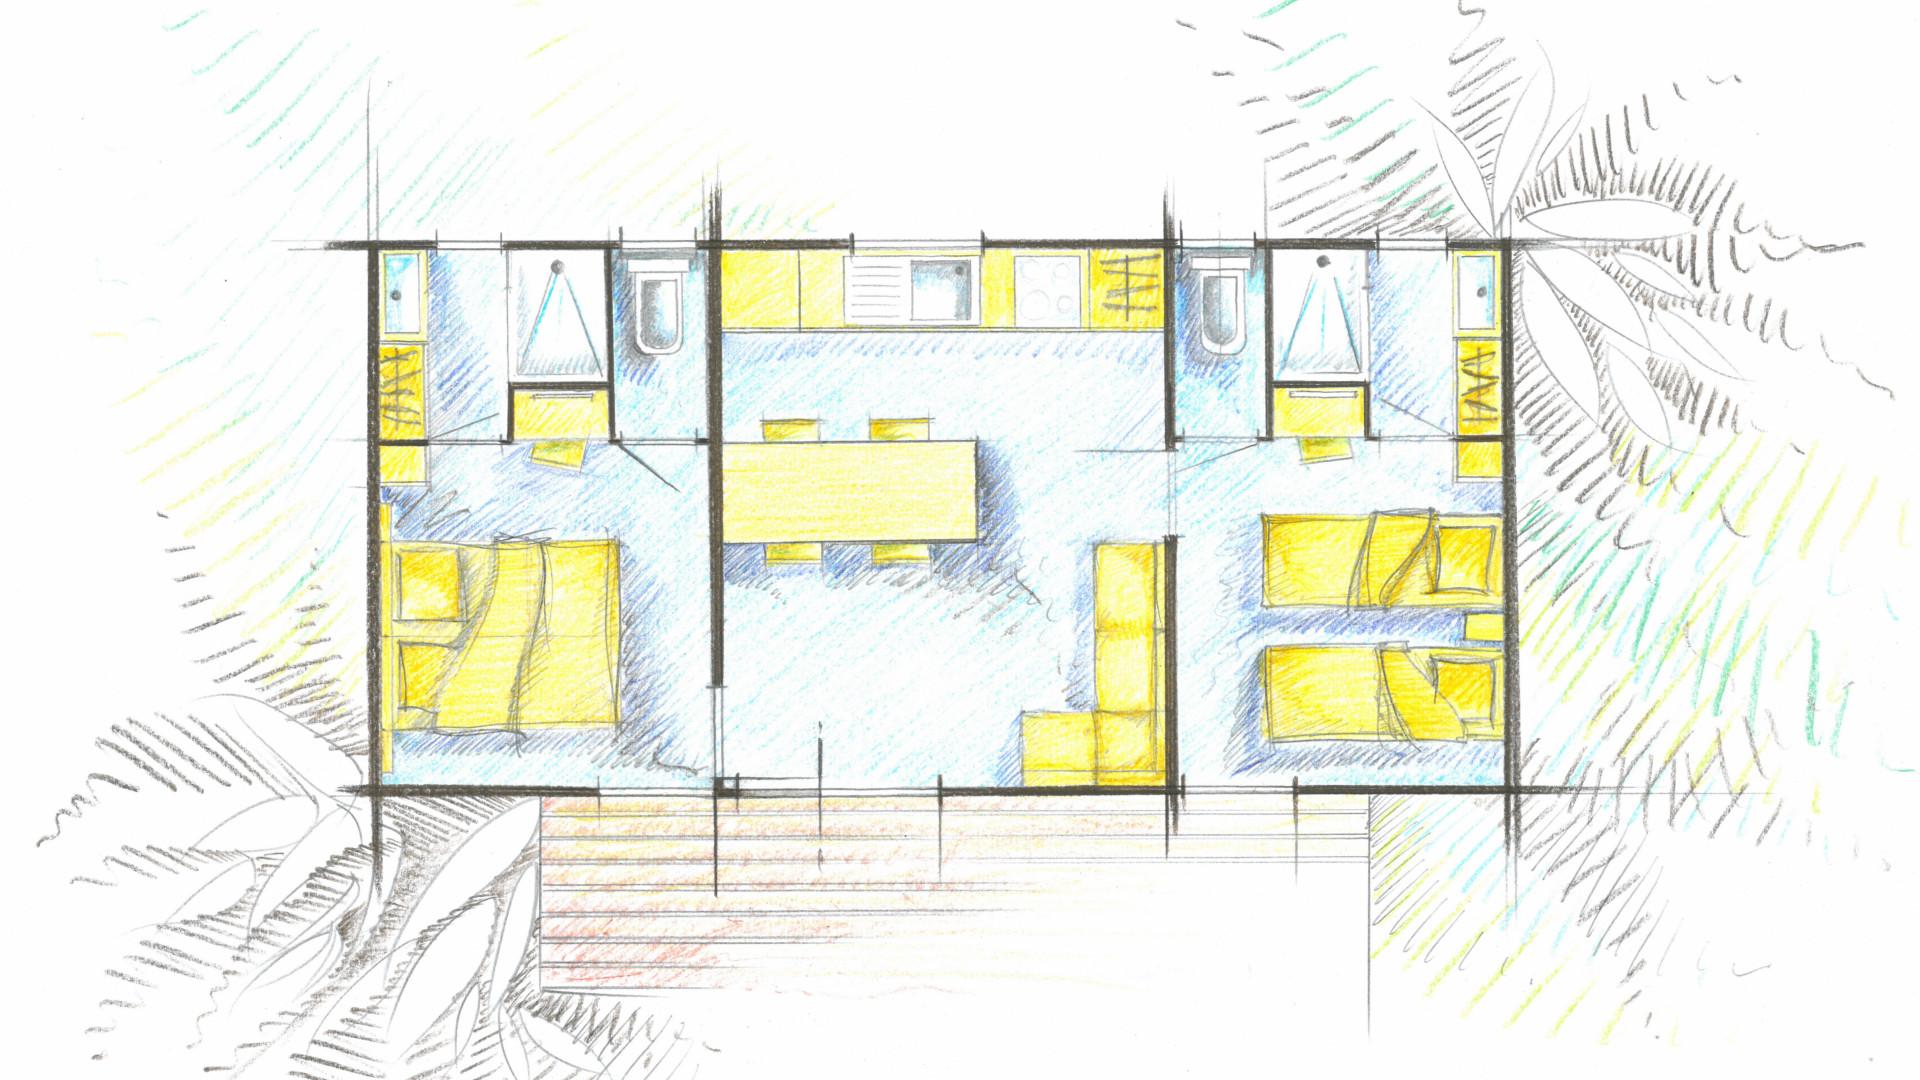 Plan du mobile home 2 chambres 2 salles de bain